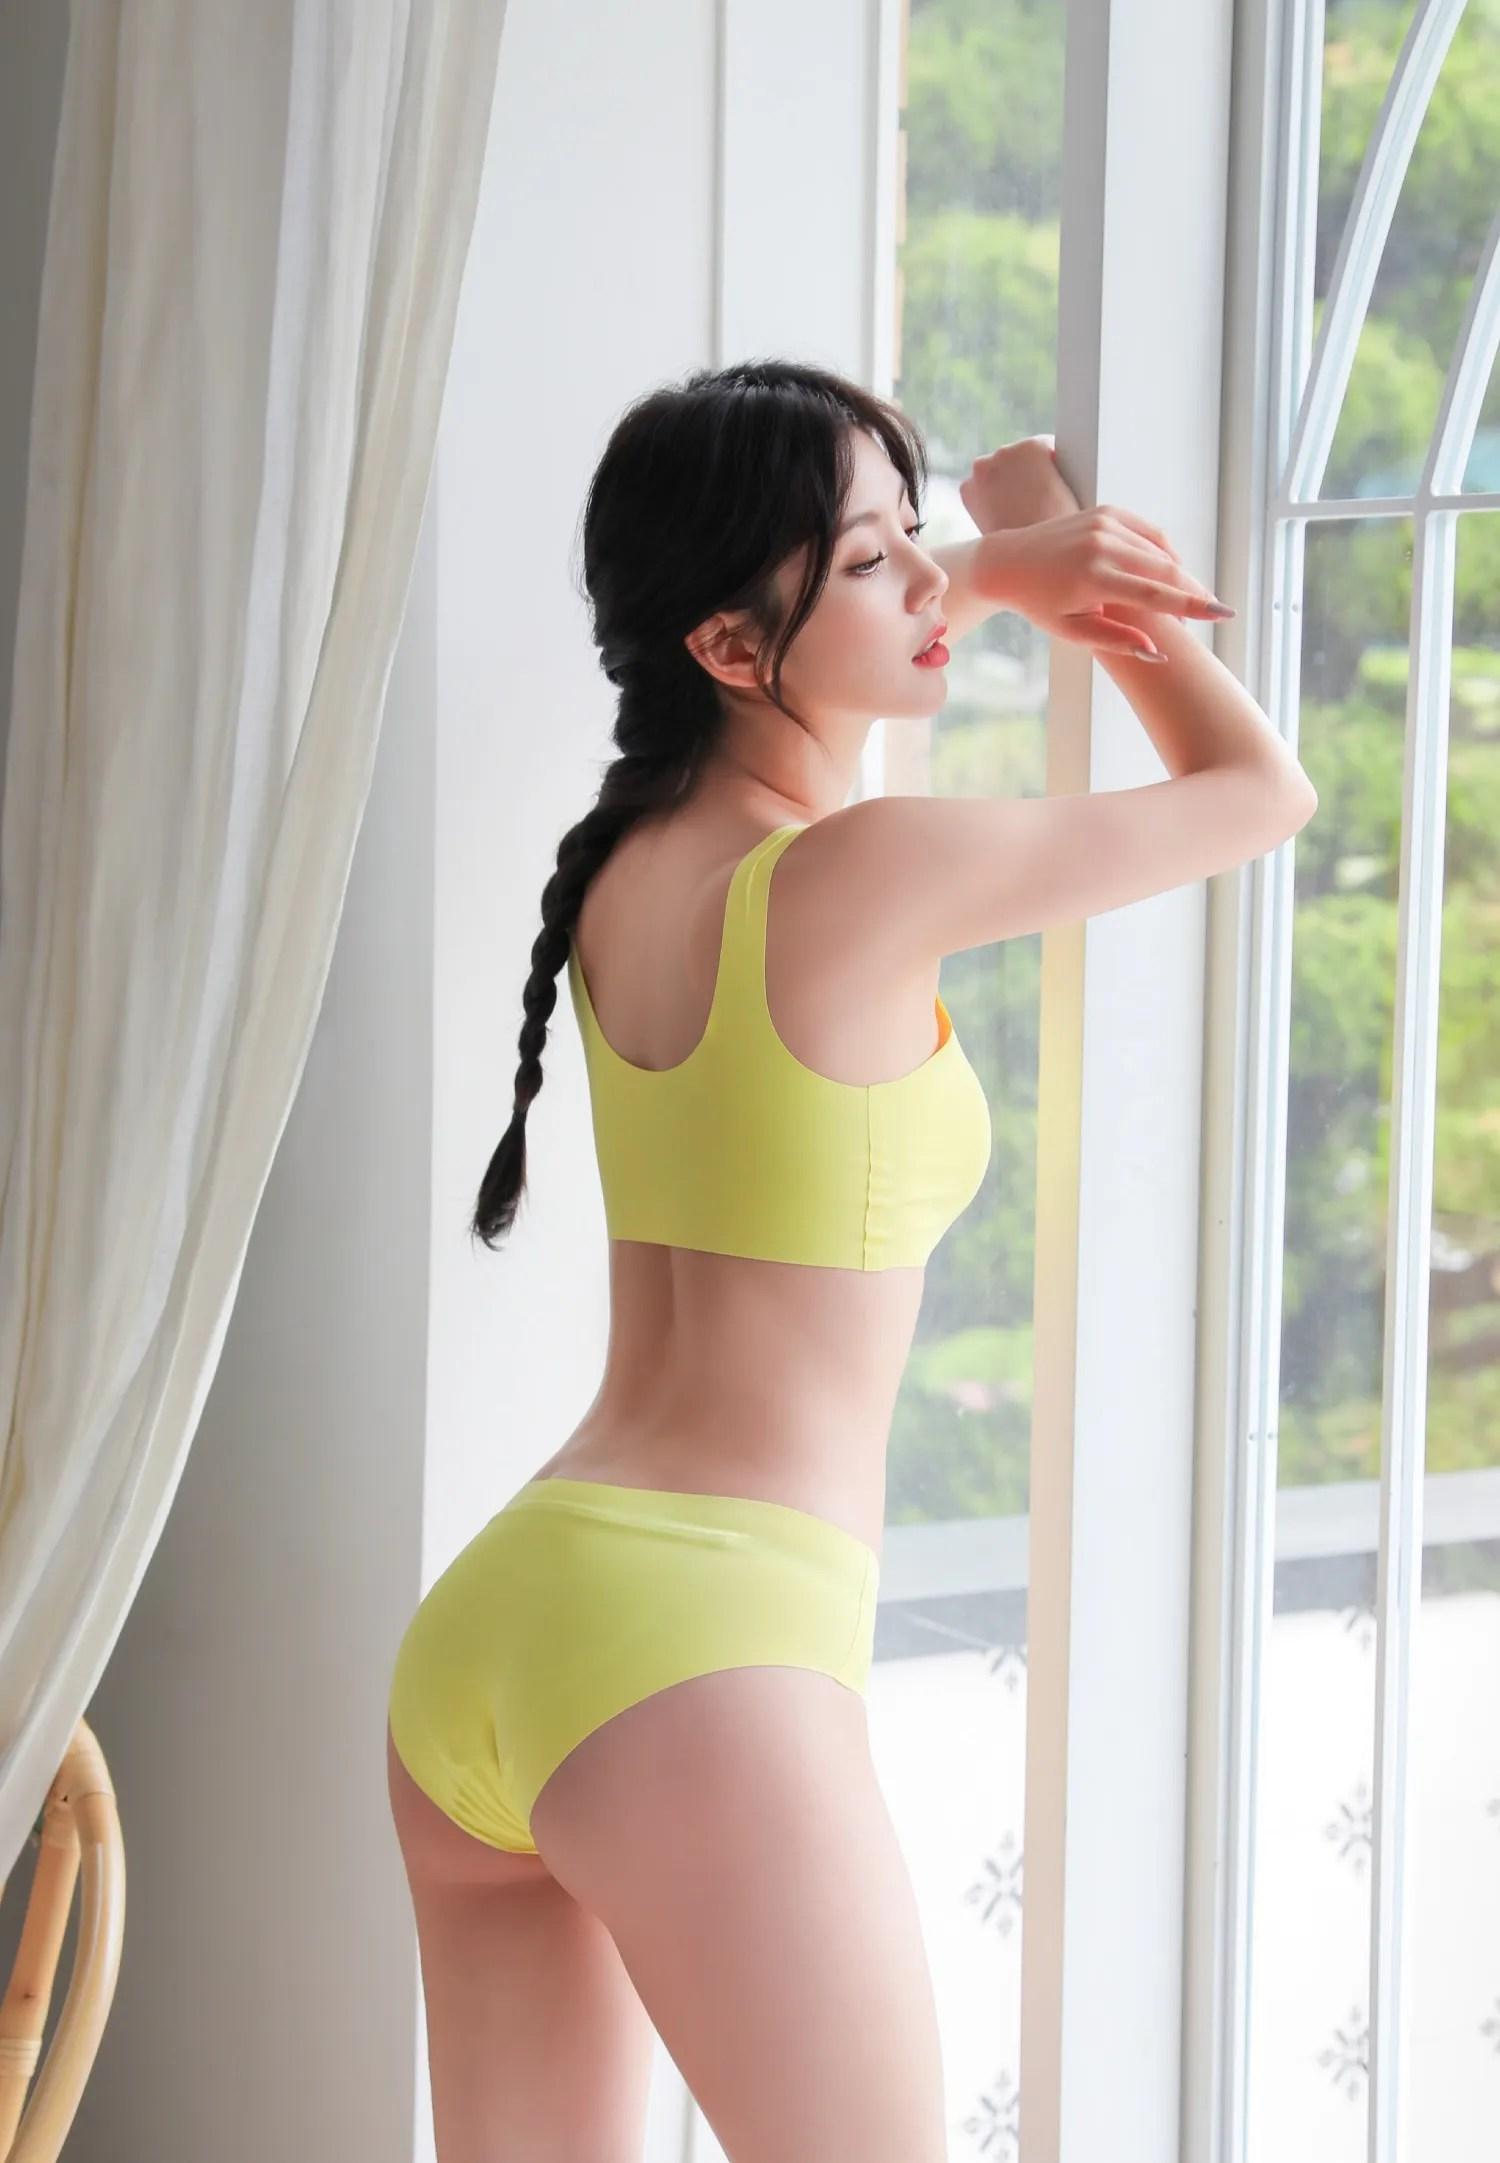 Lee Chaeeun / NUDMALL / June 2021 / Seamless Lingerie